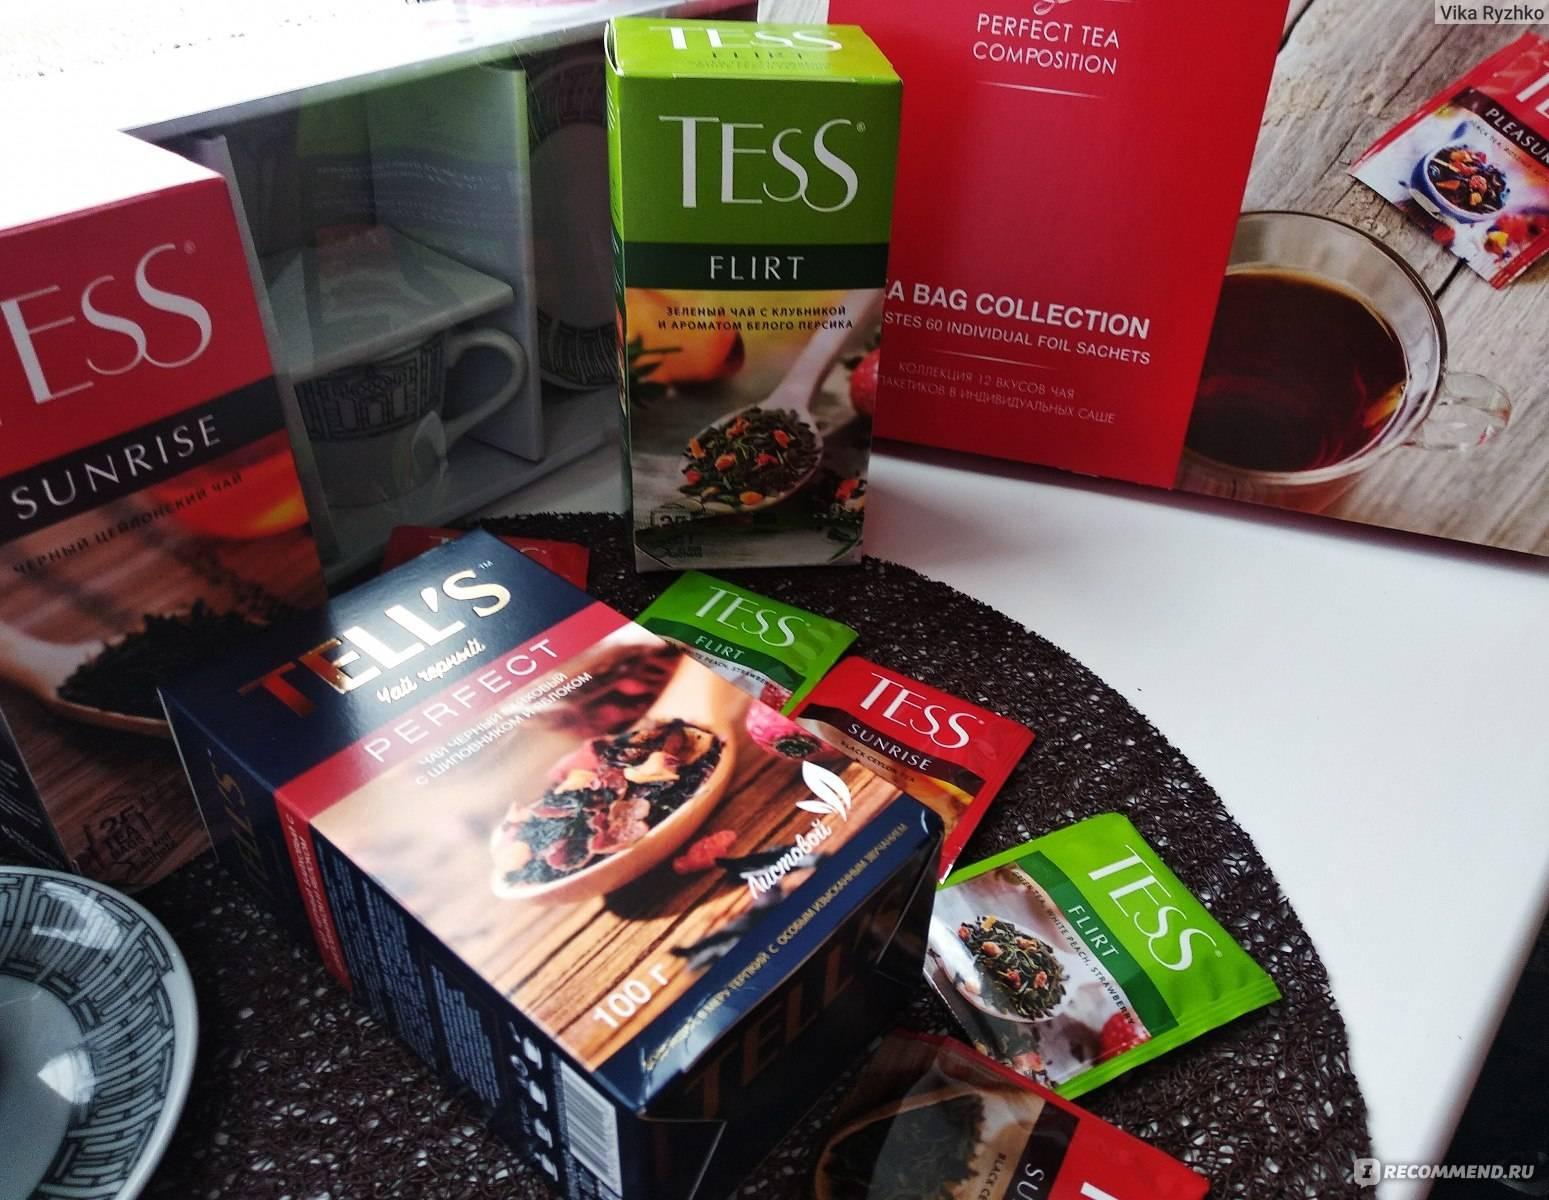 Чай tess (тесс) - особенности вкуса, польза и вред, отзывы